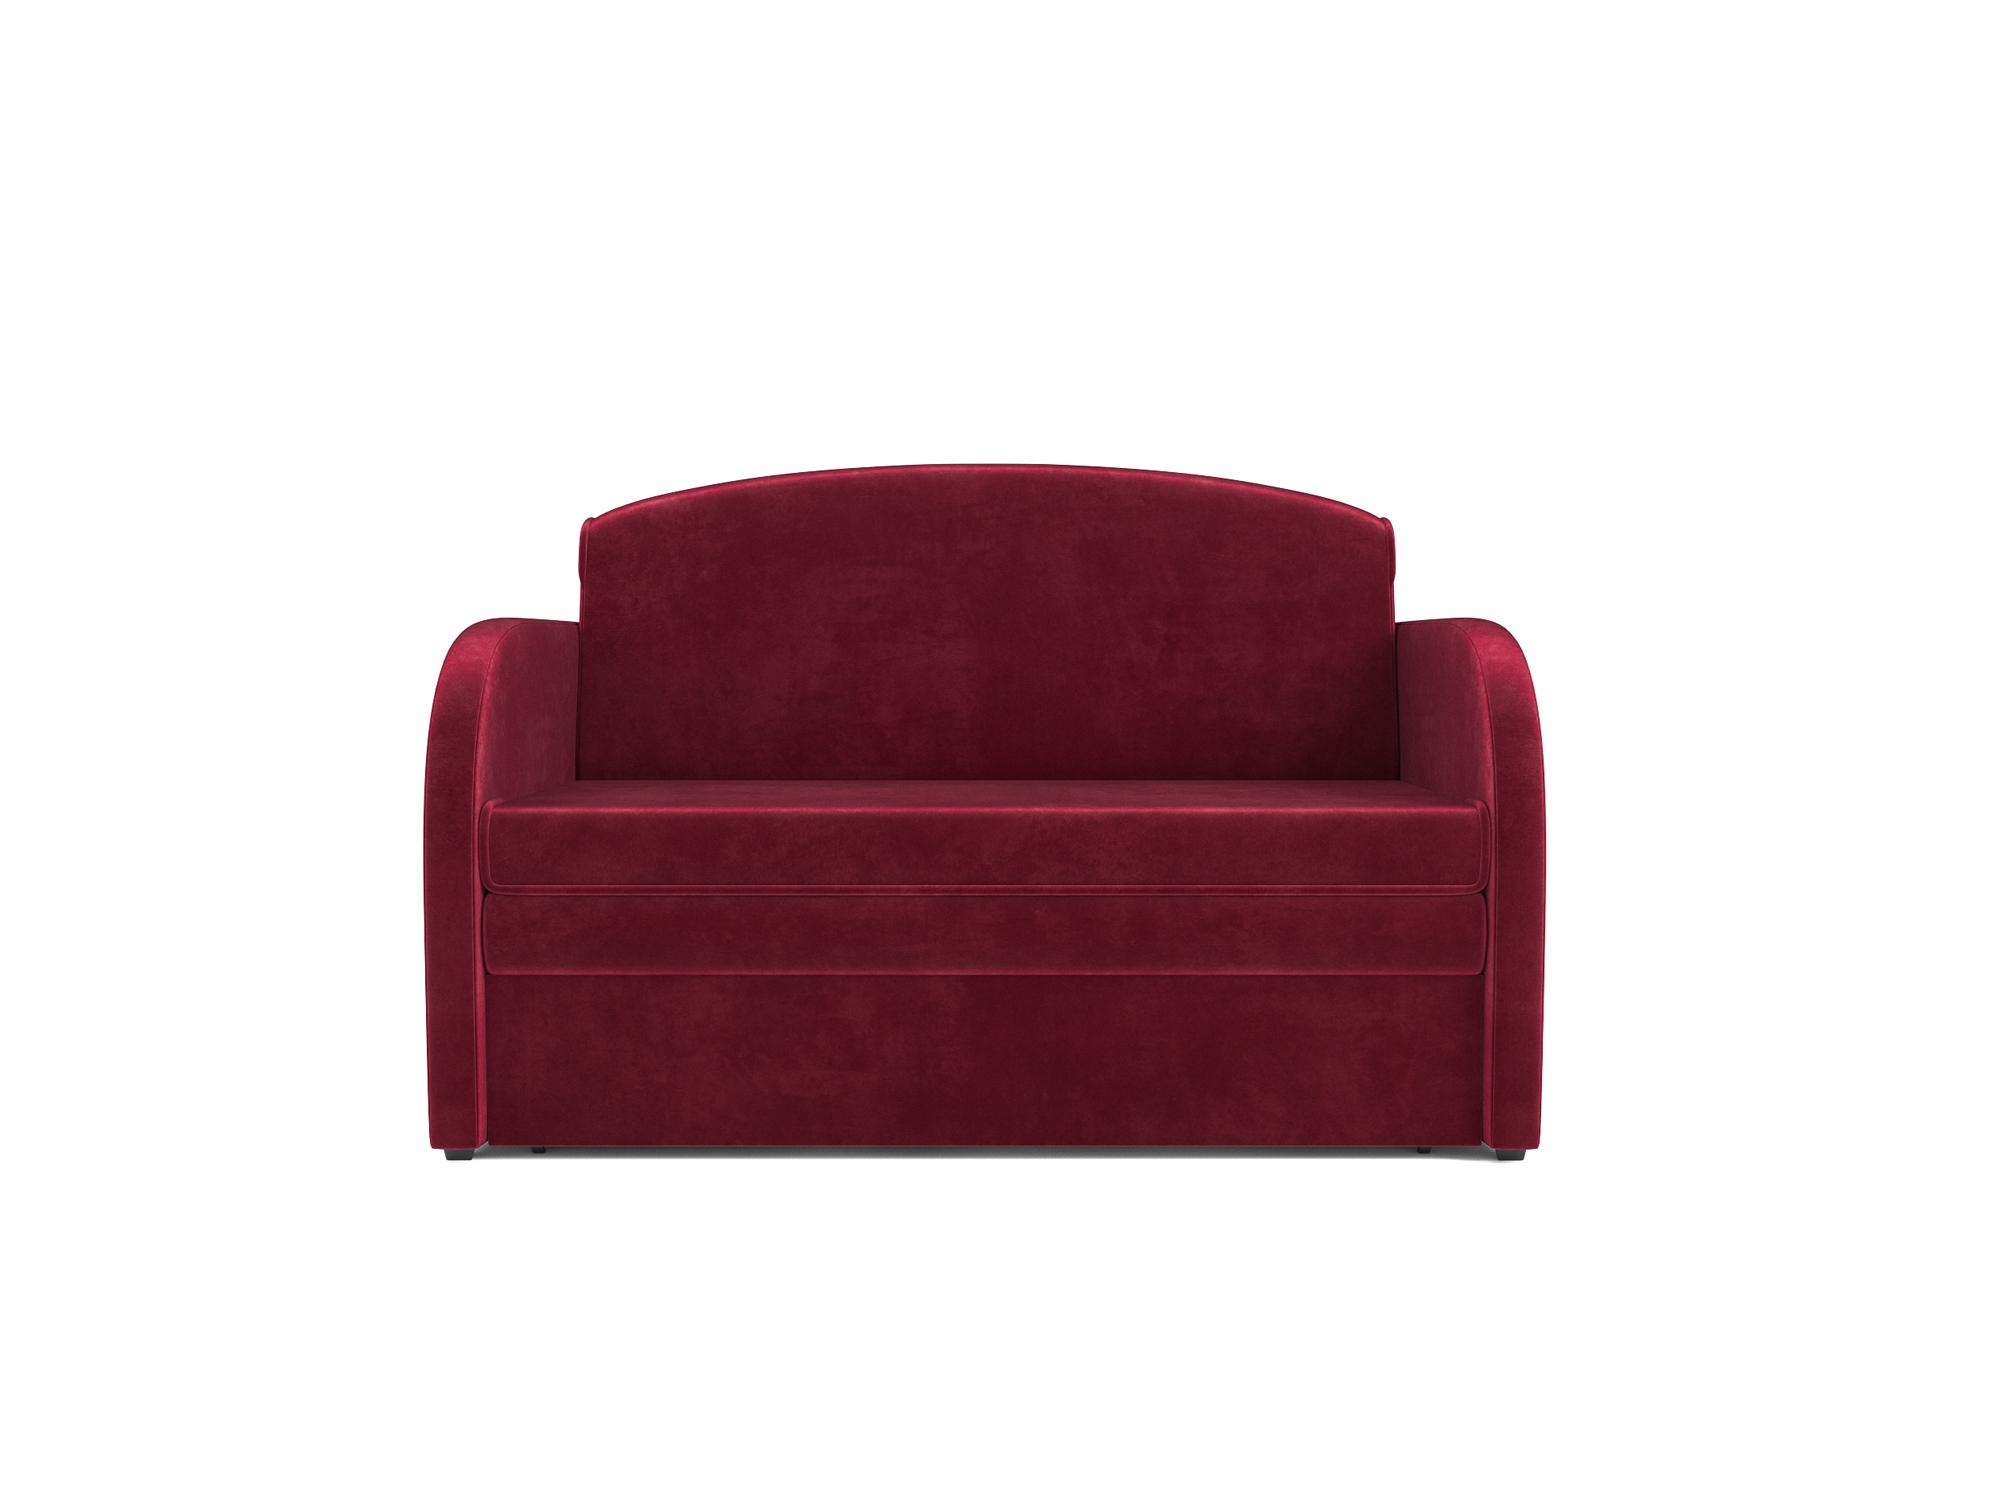 Фото - Диван Малютка MebelVia Красный, Вельвет бархатного типа, Брус сосны диван малютка кармен mebelvia зеленый рогожка брус сосны